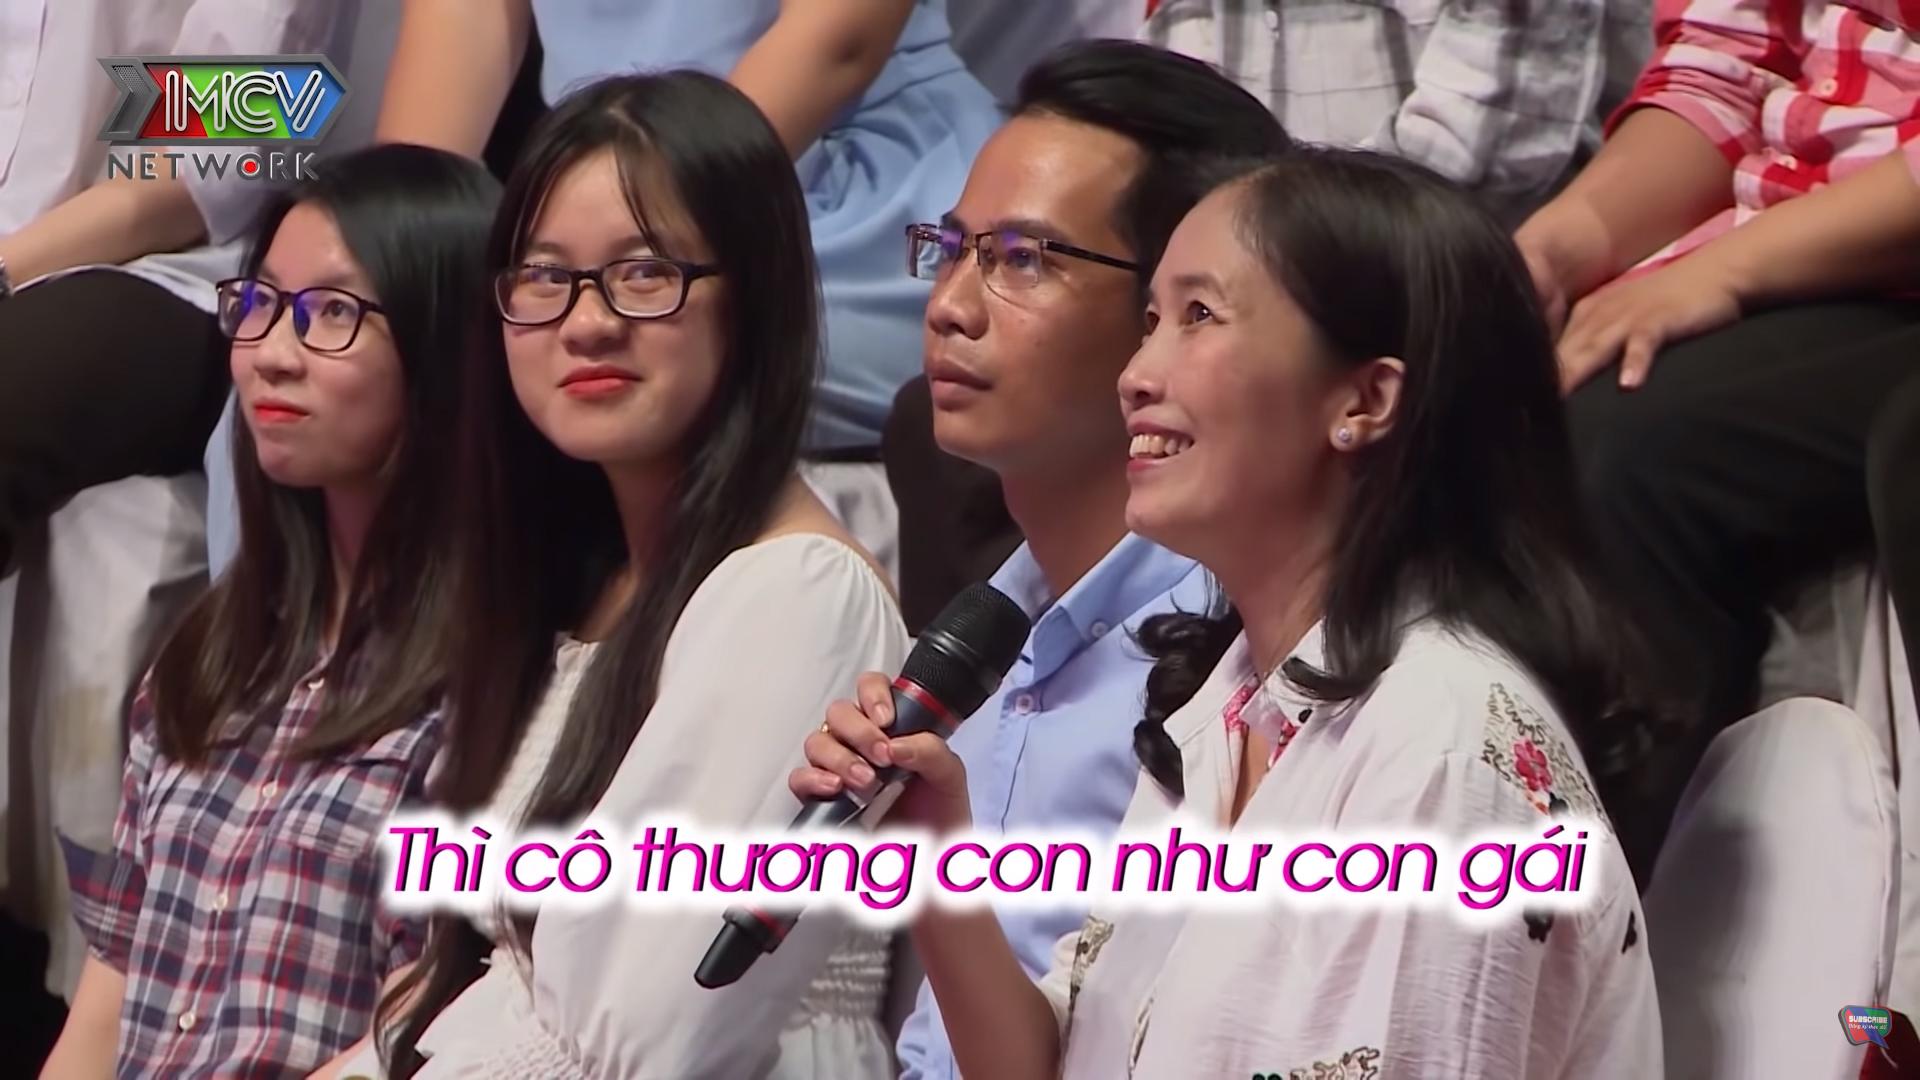 Mẹ của Trọng Kim cũng có mặt ở trường quay và hoàn toàn ủng hộ việc hai con tim hiểu nhau